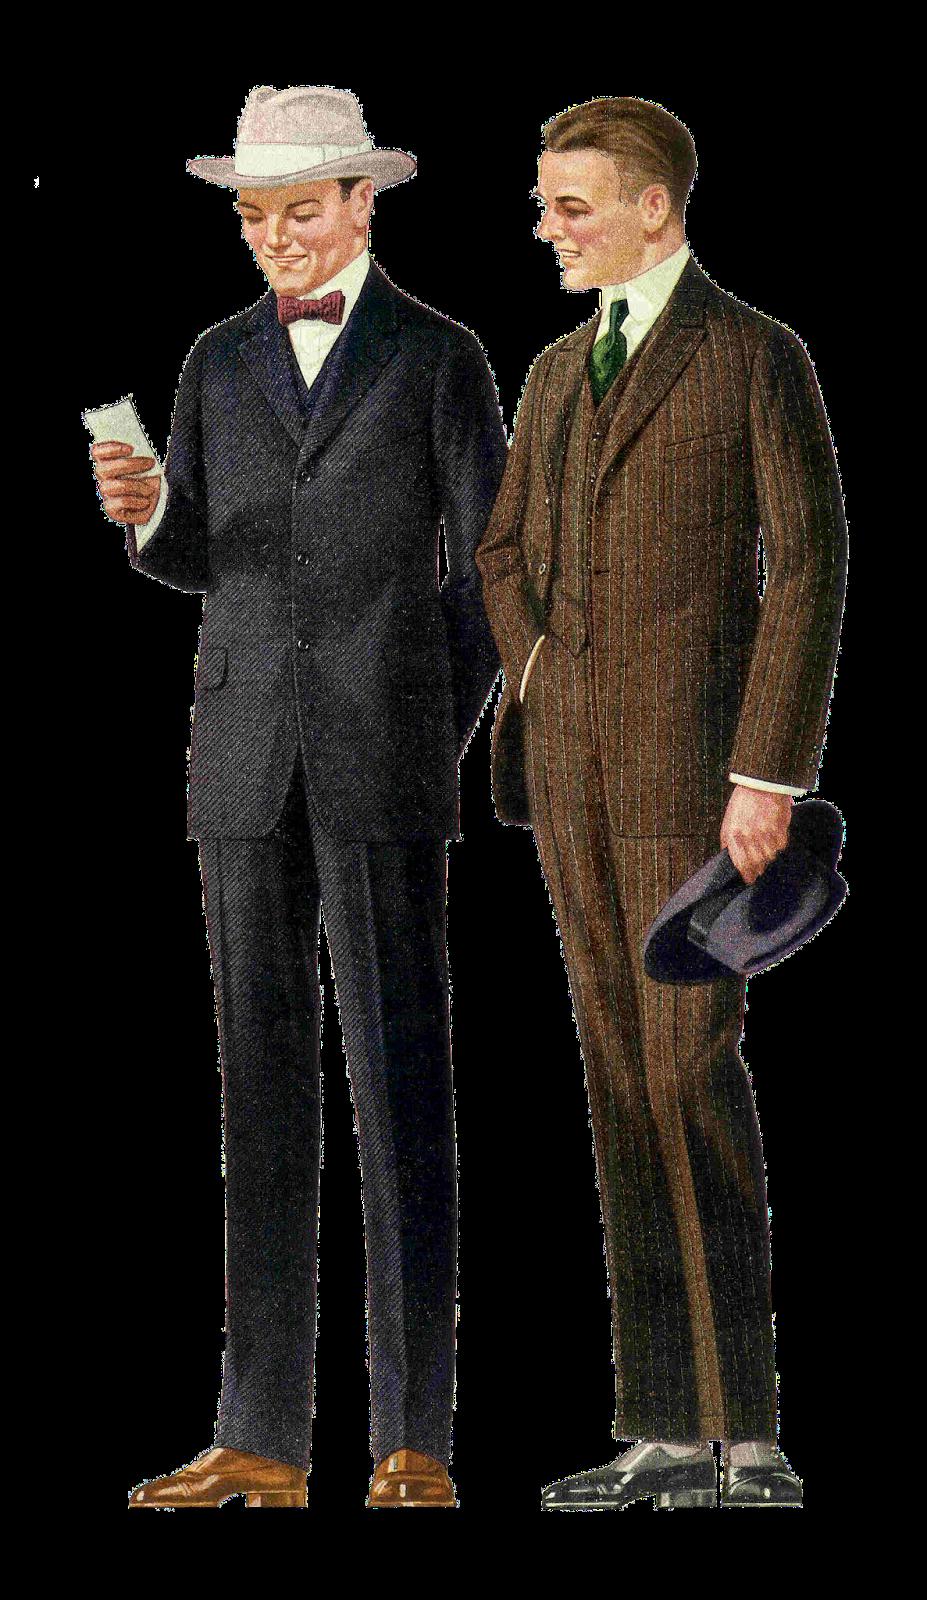 Free Fashion Clip Art 1915 Men S Suits 2 Vintage Fashion Graphics.